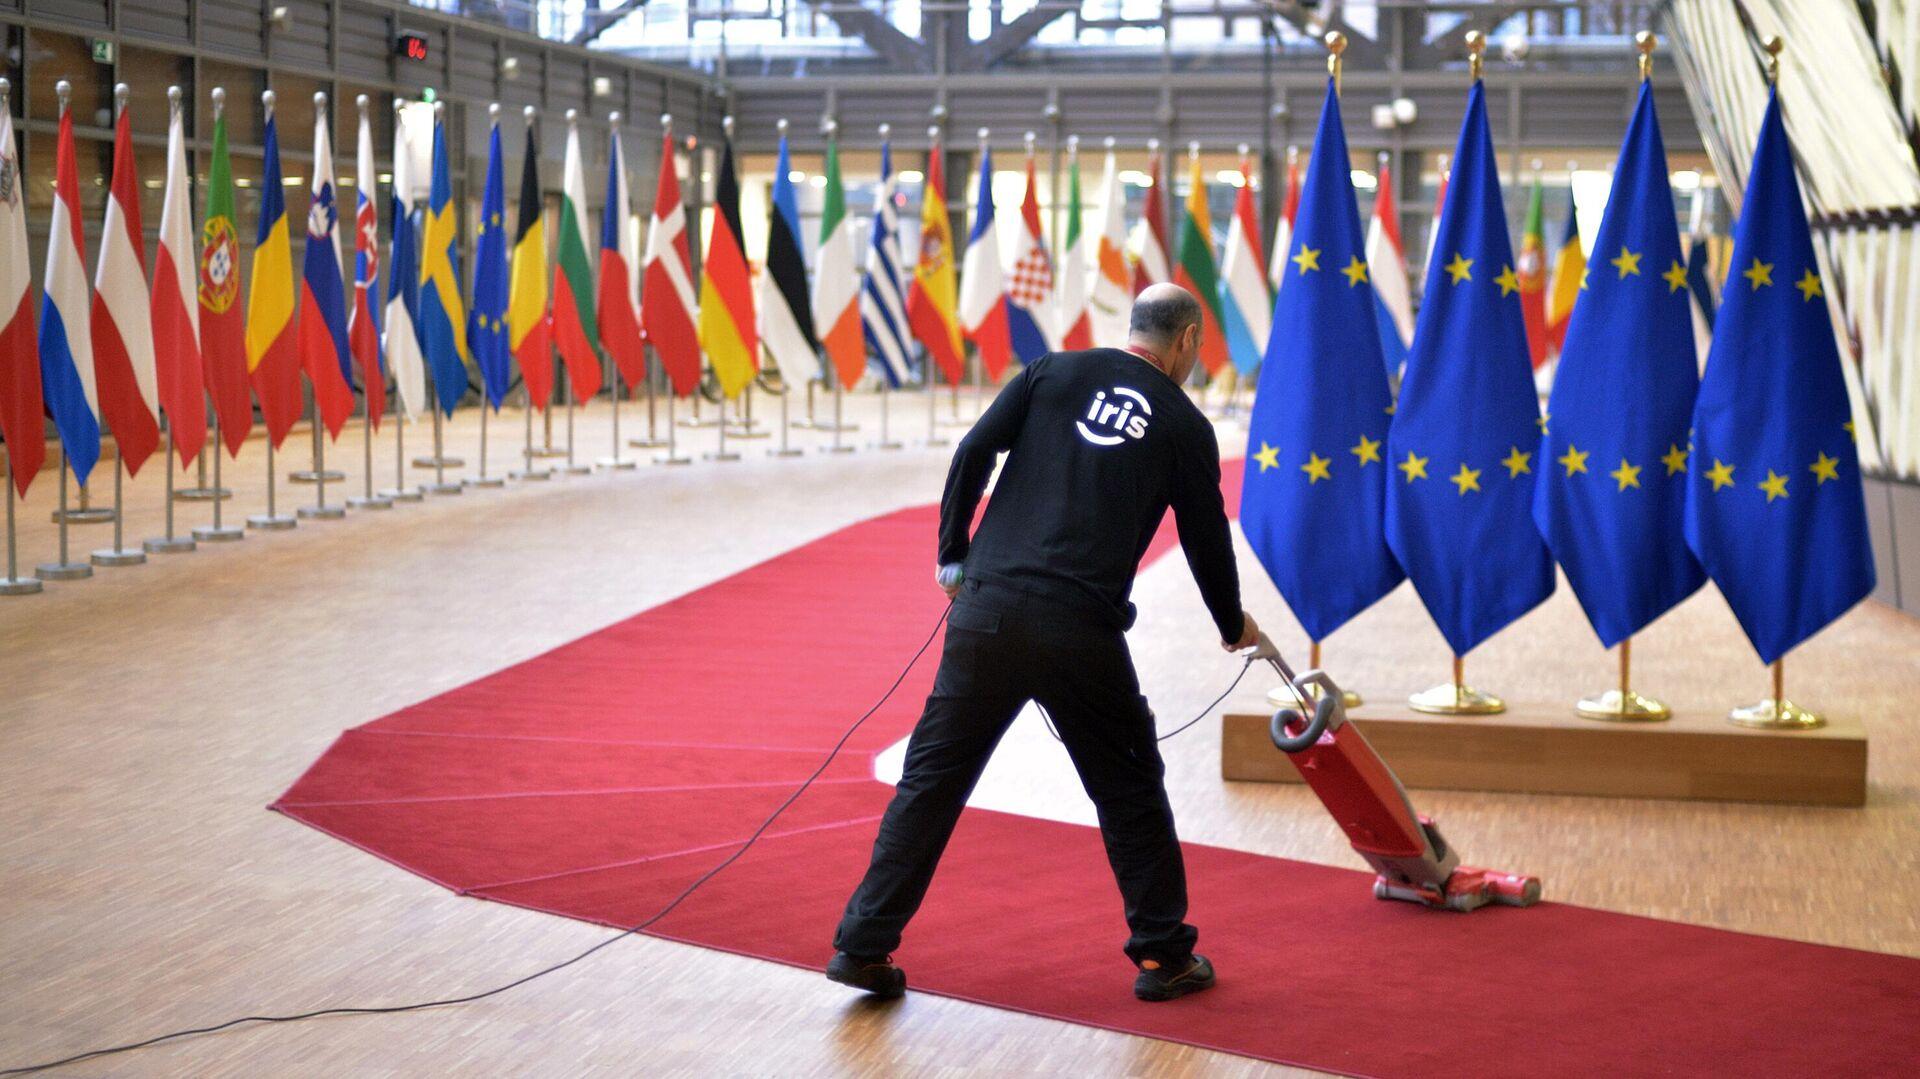 Опрос показал, кто больше всех недоволен политикой Евросоюза